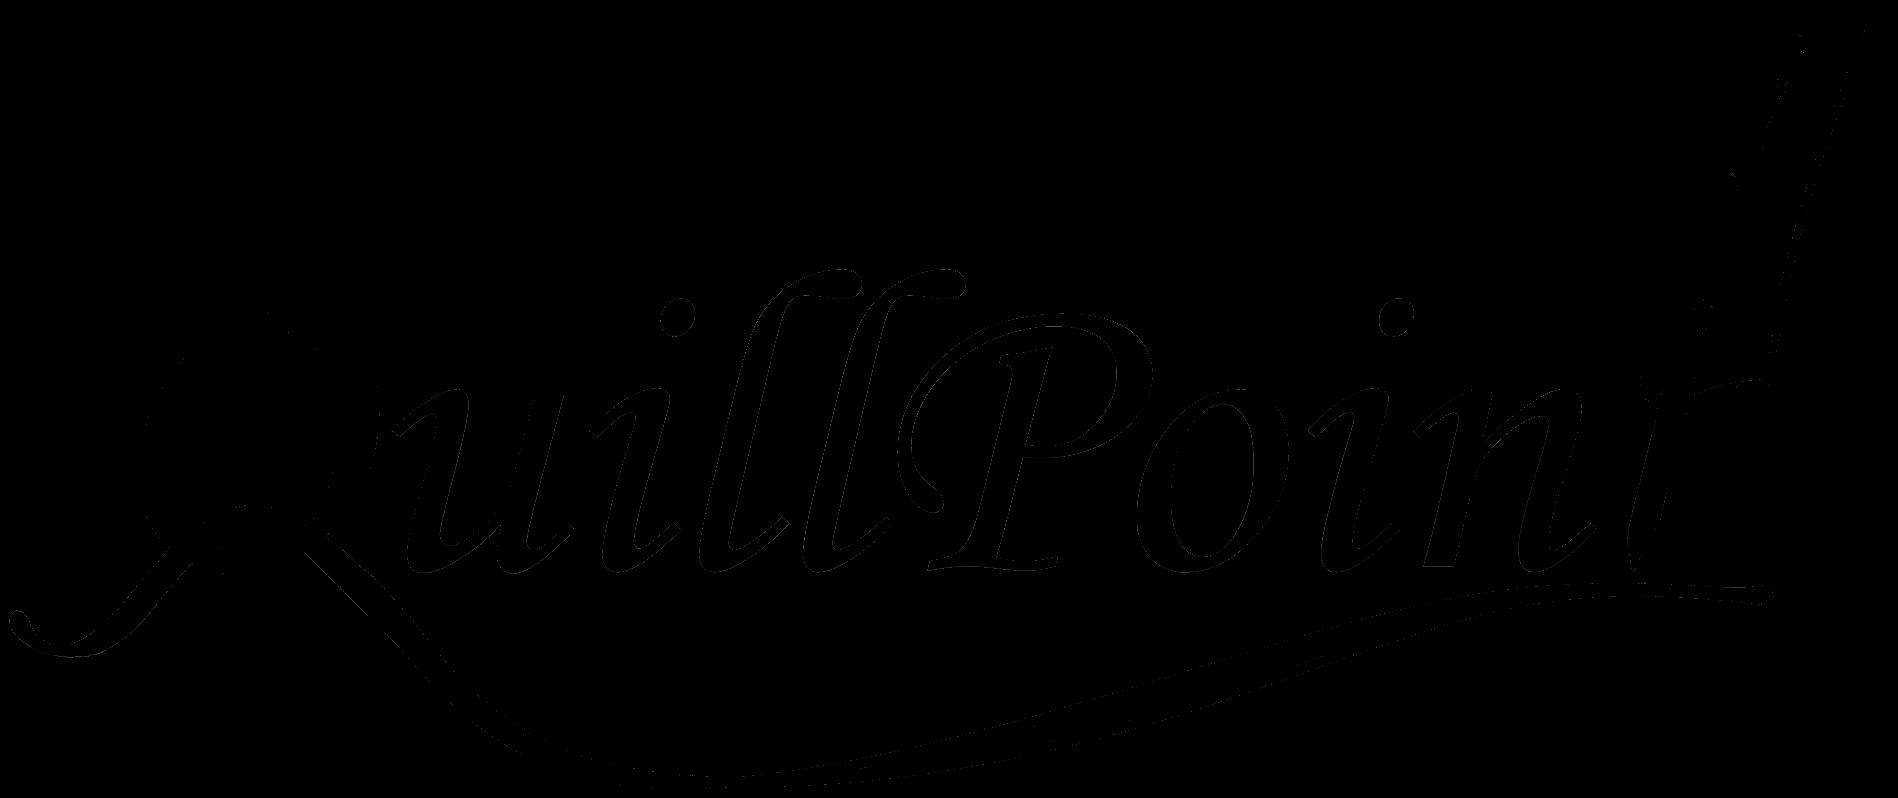 QuillPoint